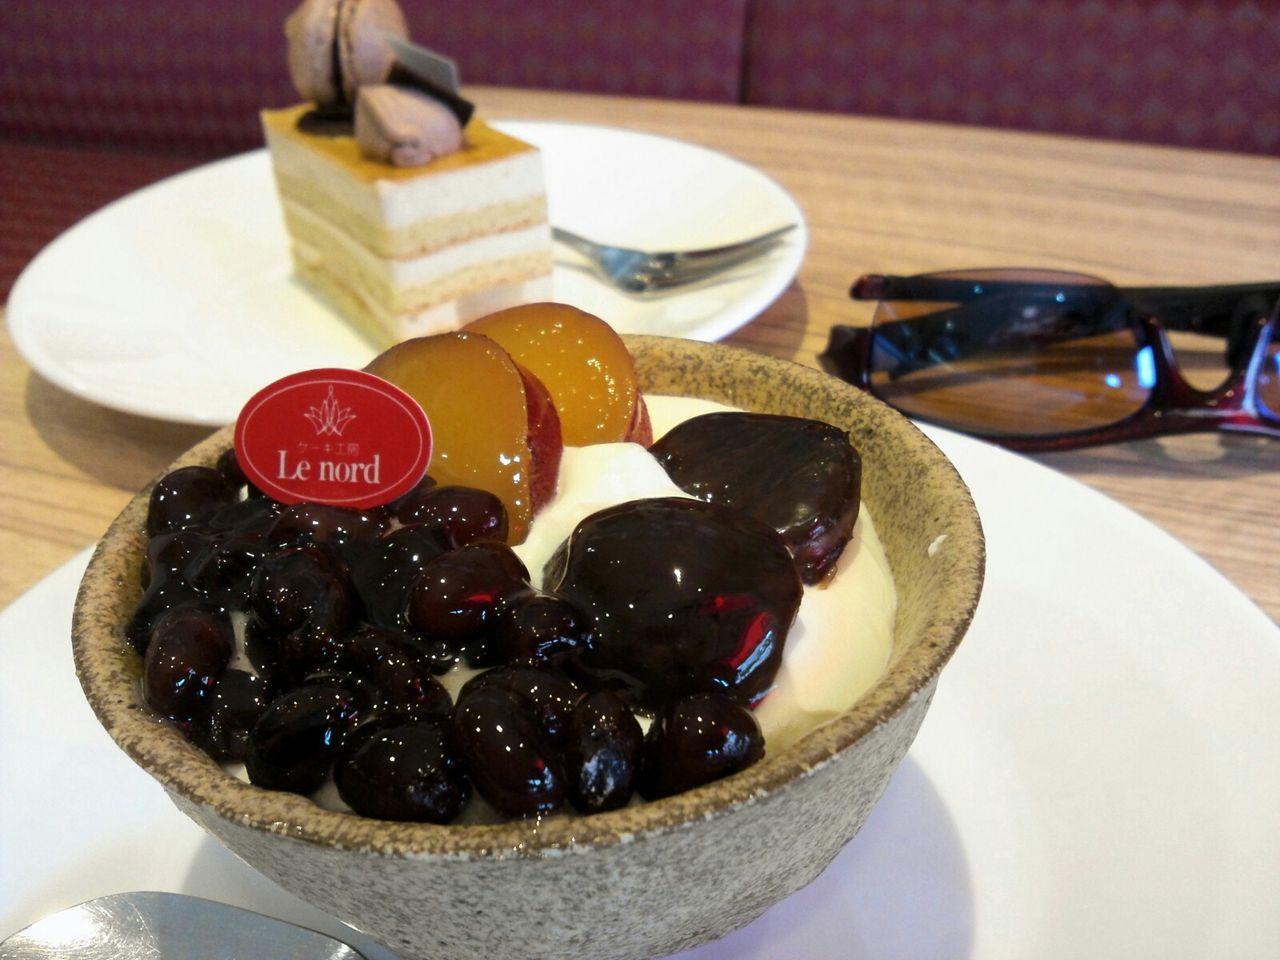 栗の和風スイーツ!😋  栗大好き!😍 Taking Photos The Foodie - 2015 EyeEm Awards Japanese Sweets スイーツ部 Sweets スイーツ Fresh Scent 大好き Marron 栗